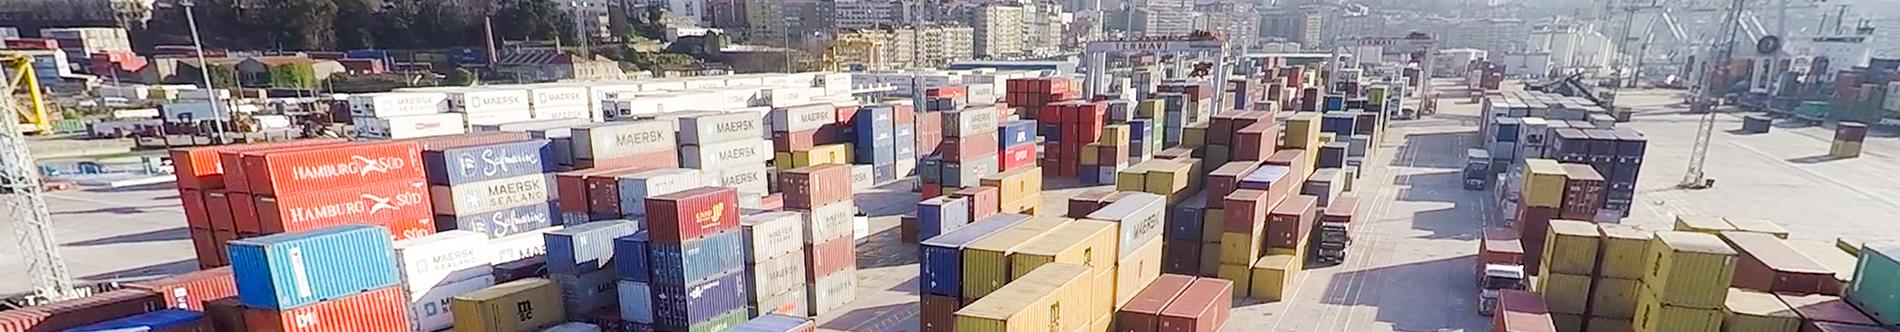 Servicios marítimos: contenedores